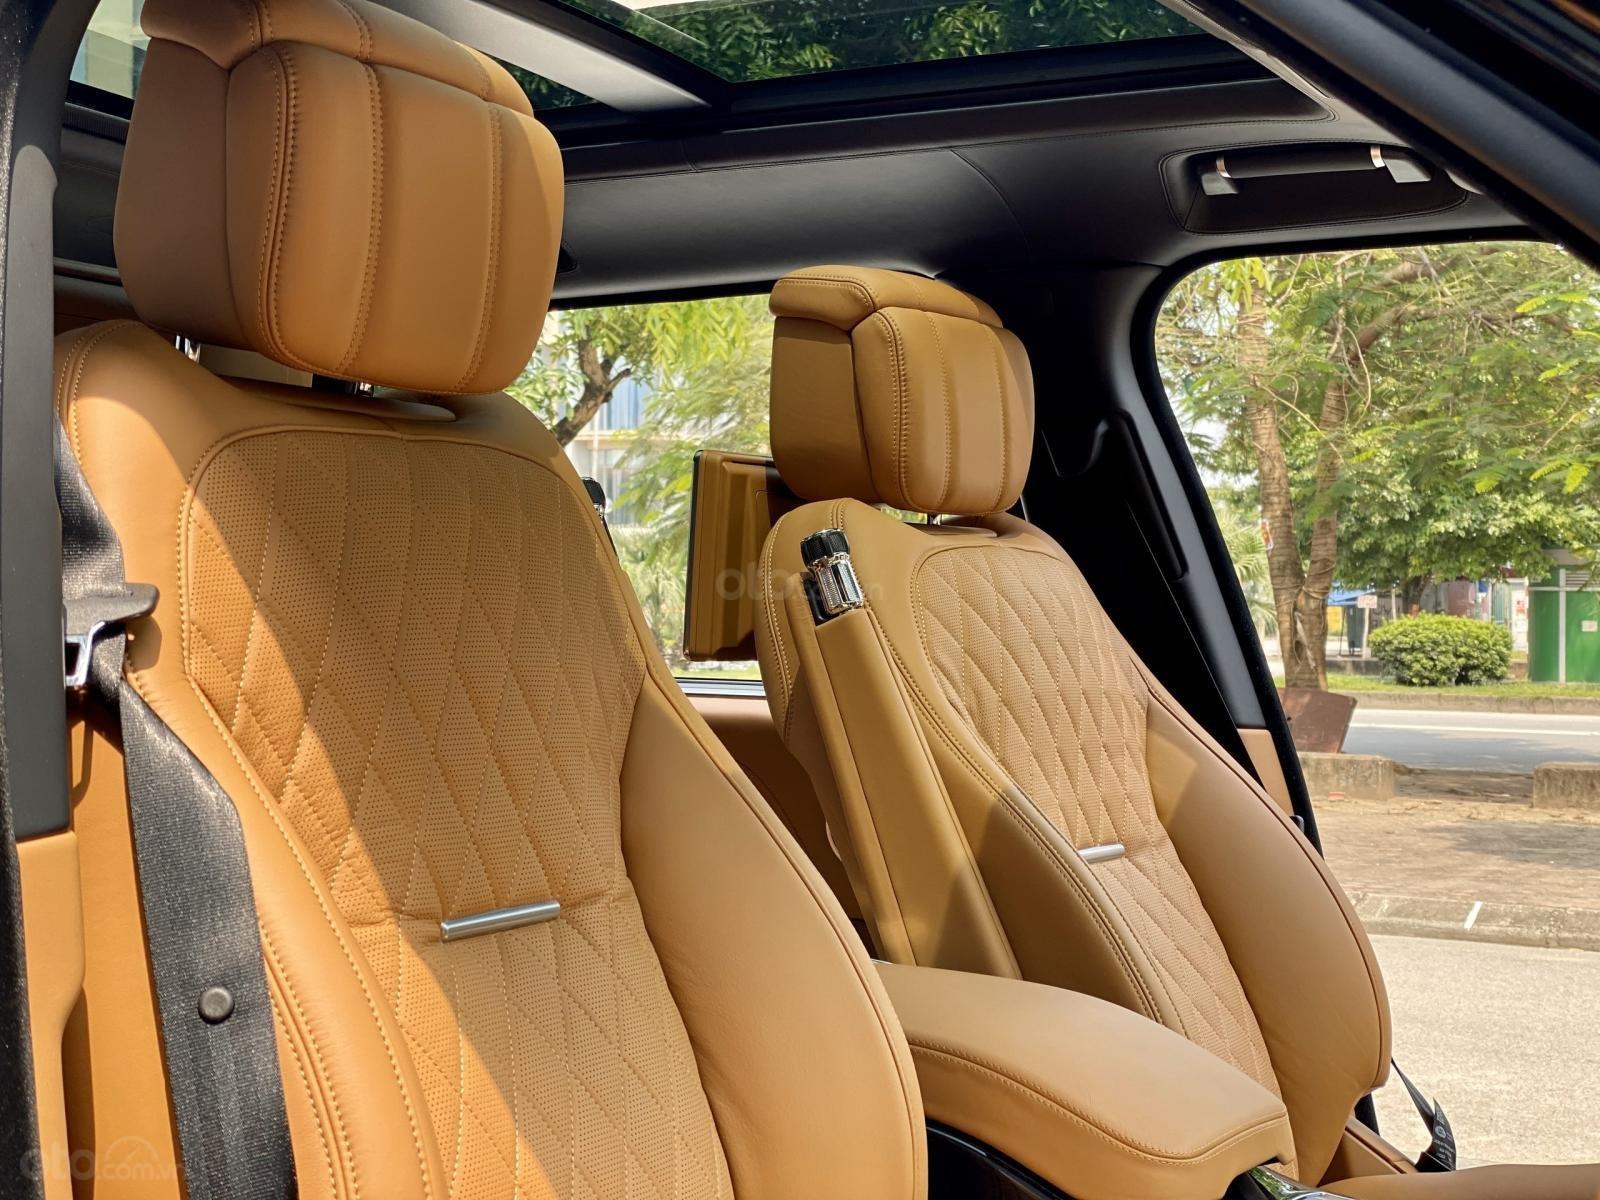 Range Rover SV Autobiography 3.0 2020 Hà Nội, giá tốt trên thị trường (15)